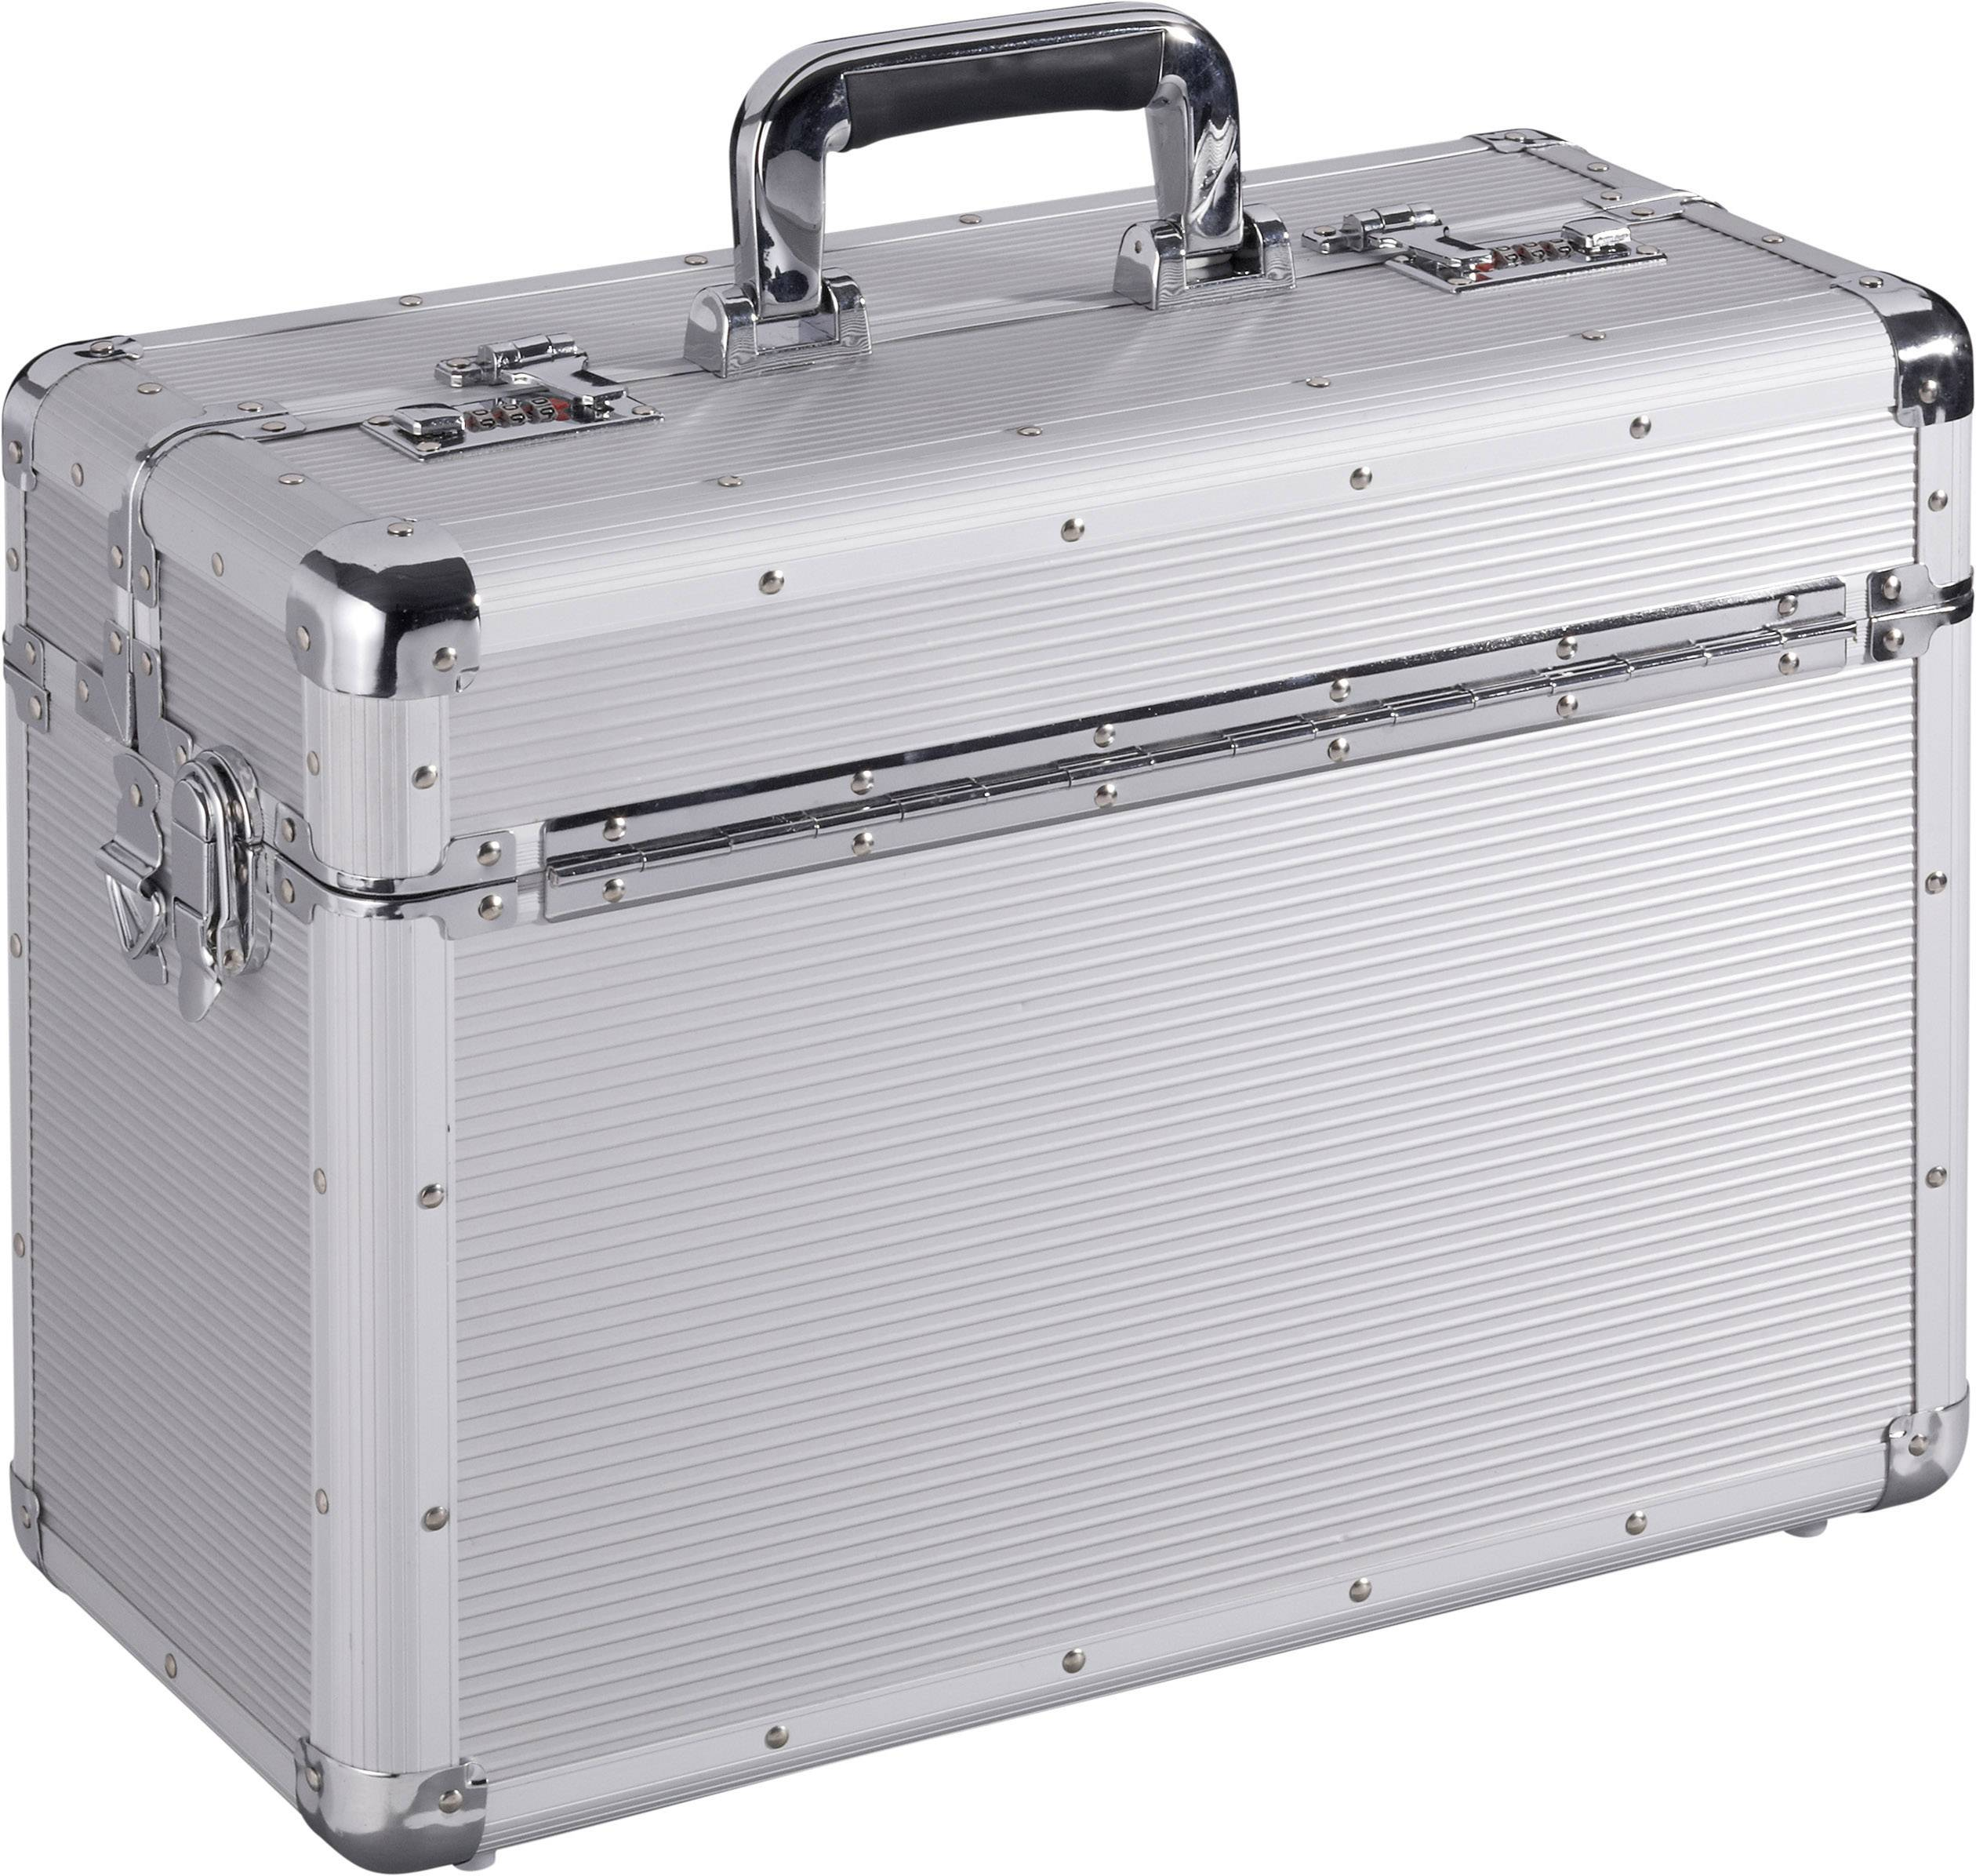 Kufor na náradie a vybavenie s číselným zámkom 439096, (d x š x v) 455 x 200 x 320 mm